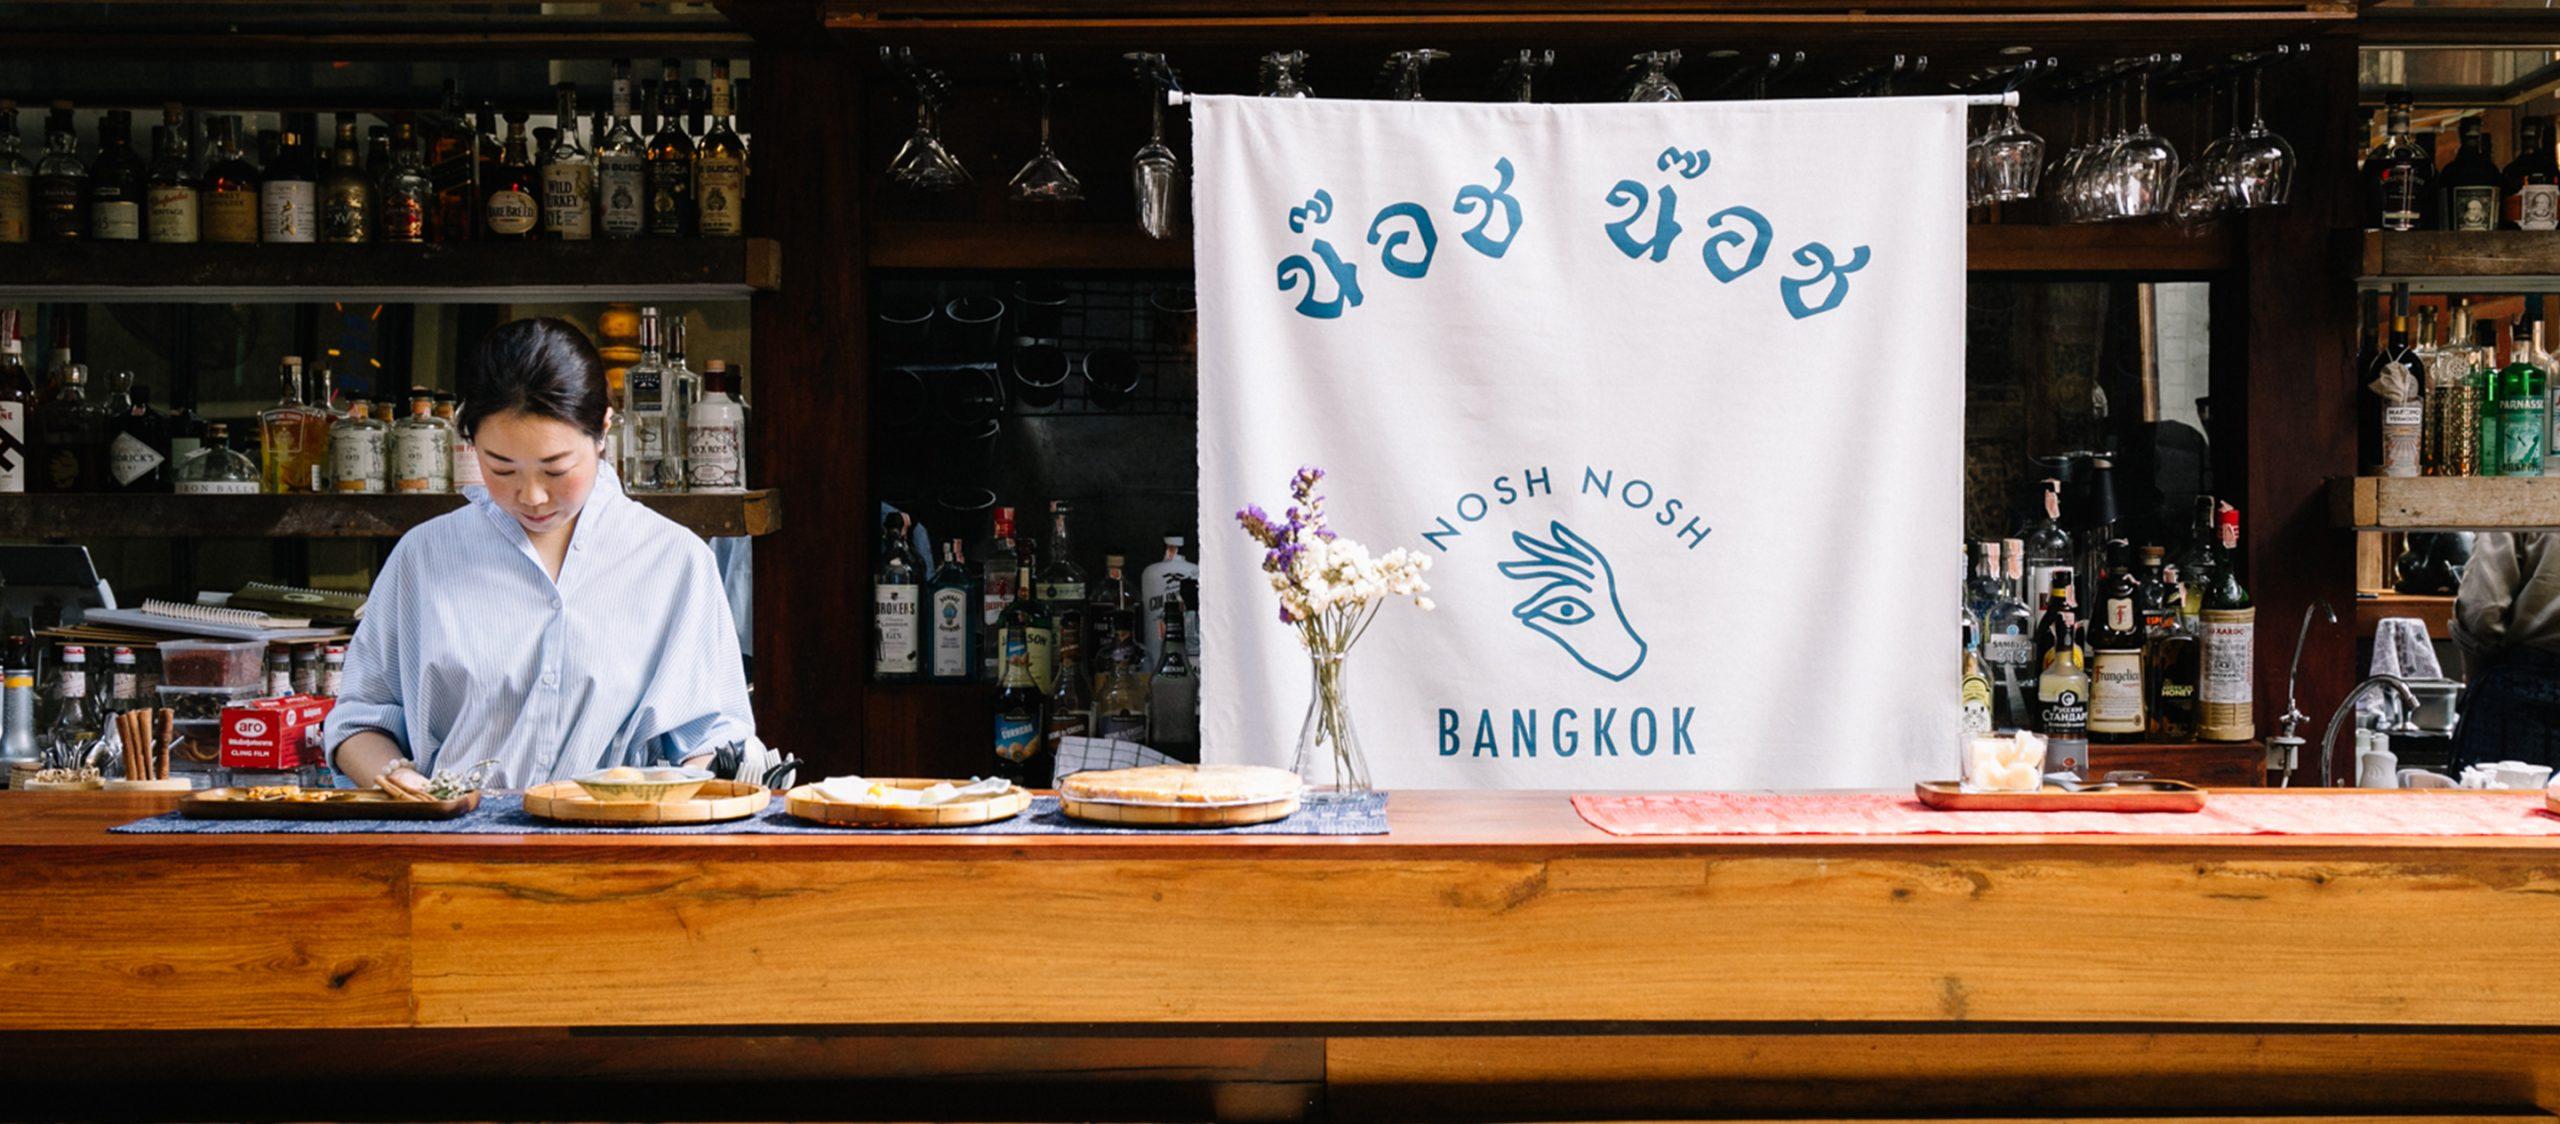 จิบกาแฟคู่ขนมไทยหนุบหนับ NOSH NOSH ป๊อบอัพคาเฟ่ของนักจัดปาร์ตี้ที่ผันตัวมาเล่าเรื่องอาหาร